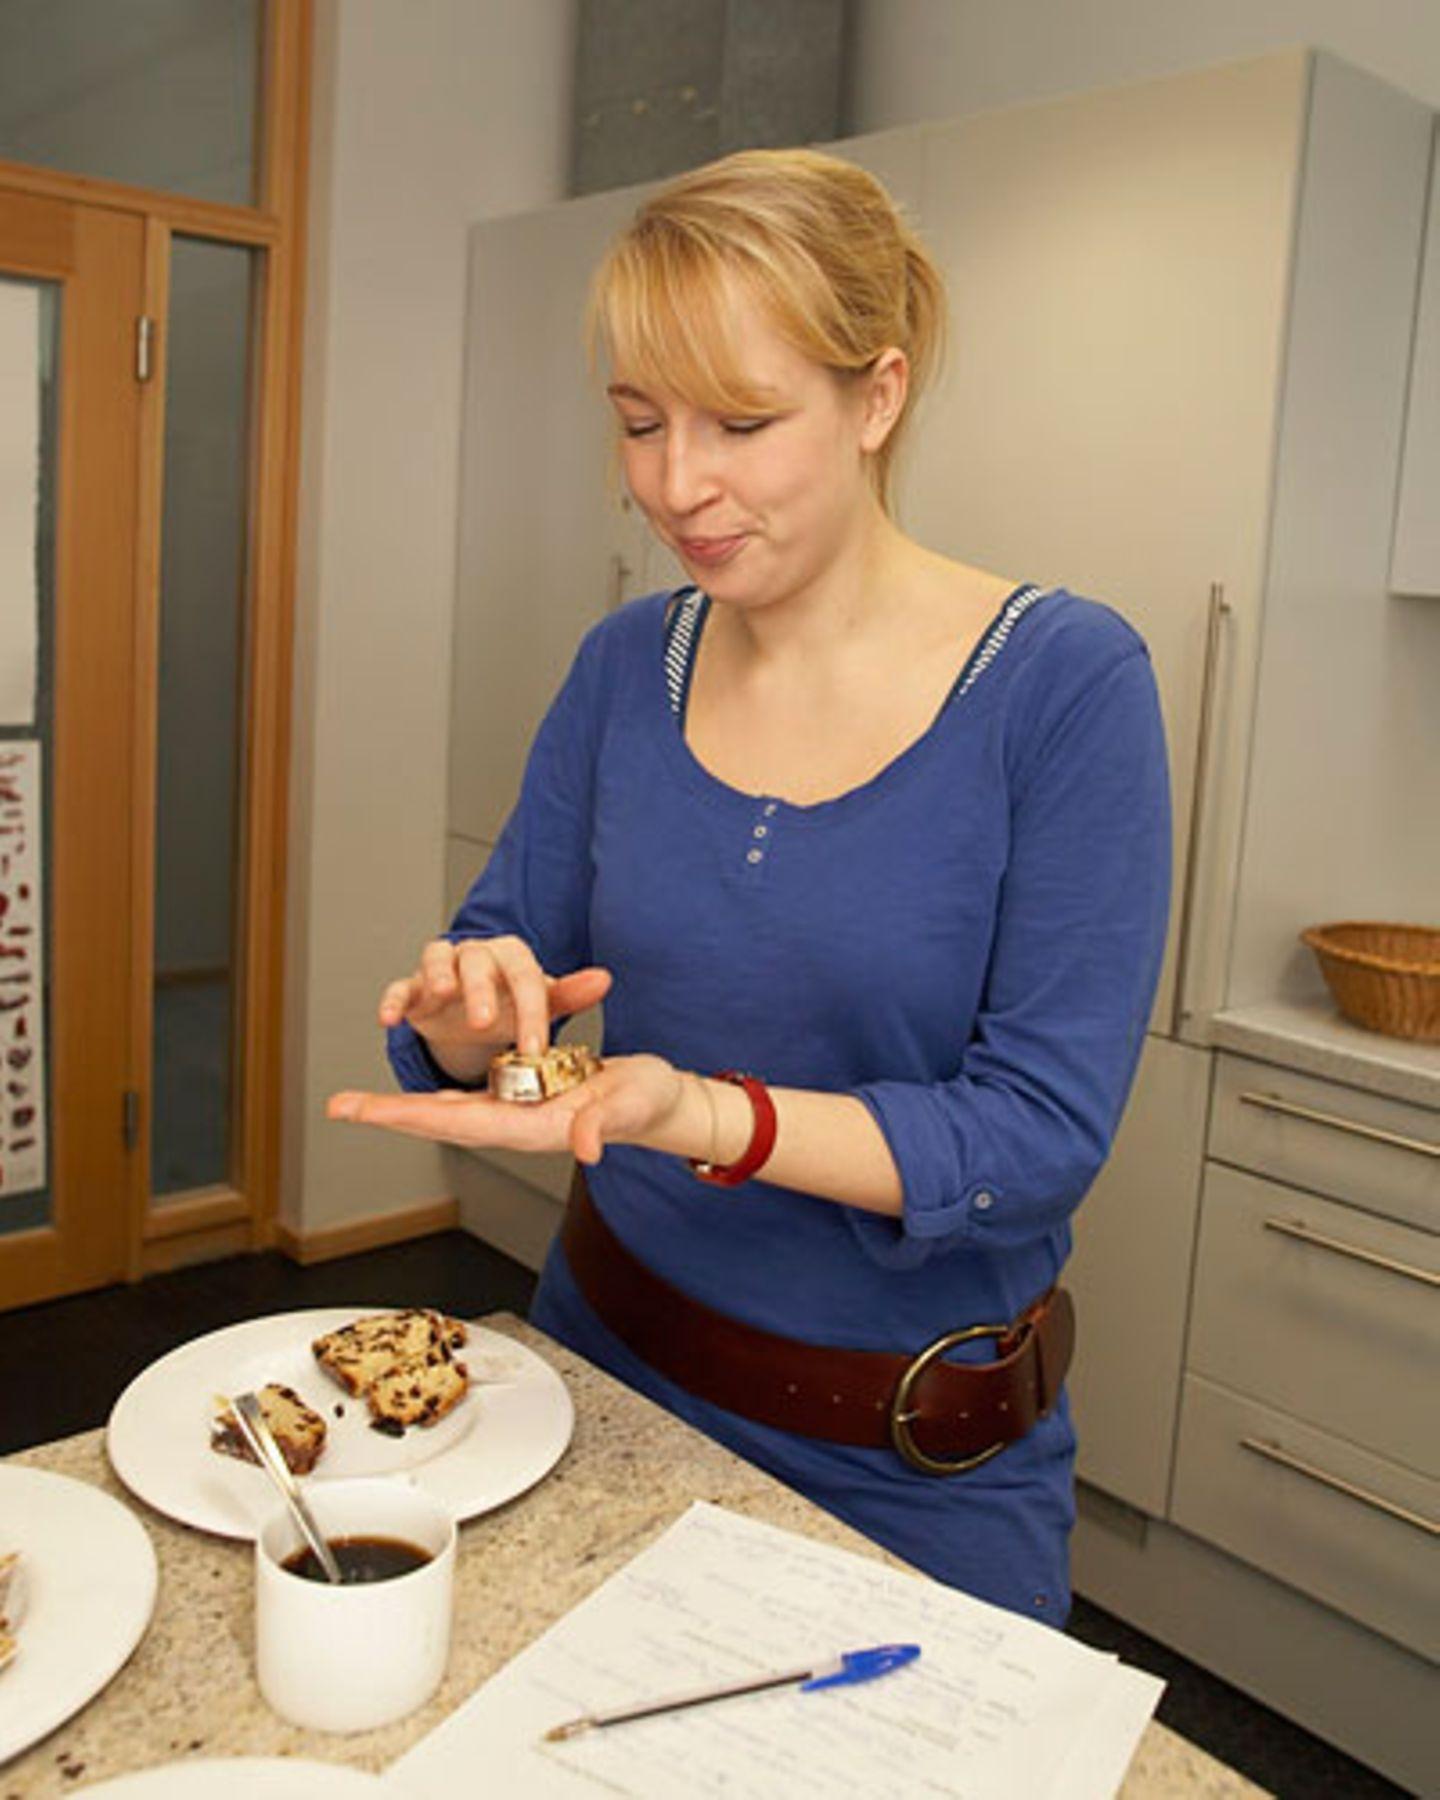 Sina drückt prüfend mit dem Finger in eine Scheibe Stollen - ist die Krume schön locker gebacken? Das Blatt für die Notizen liegt griffbereit neben dem Teller.